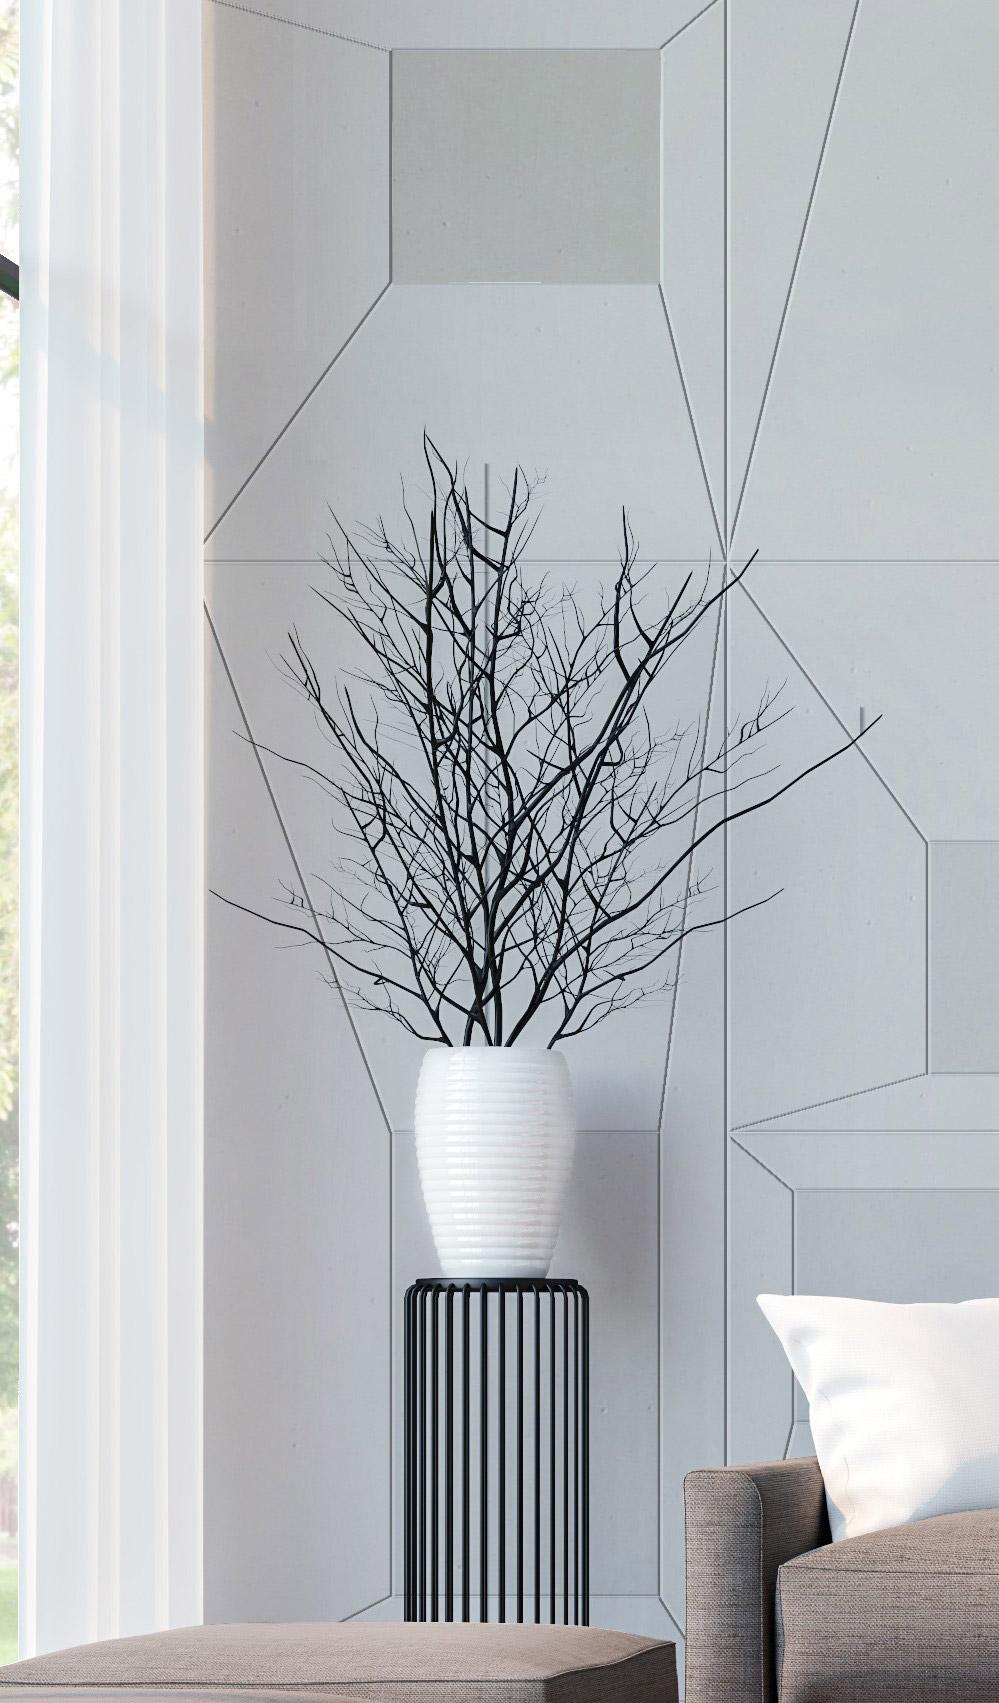 Design Asymmetric box By Luca Battaglini,  Conclad Decor, cemento non cemento